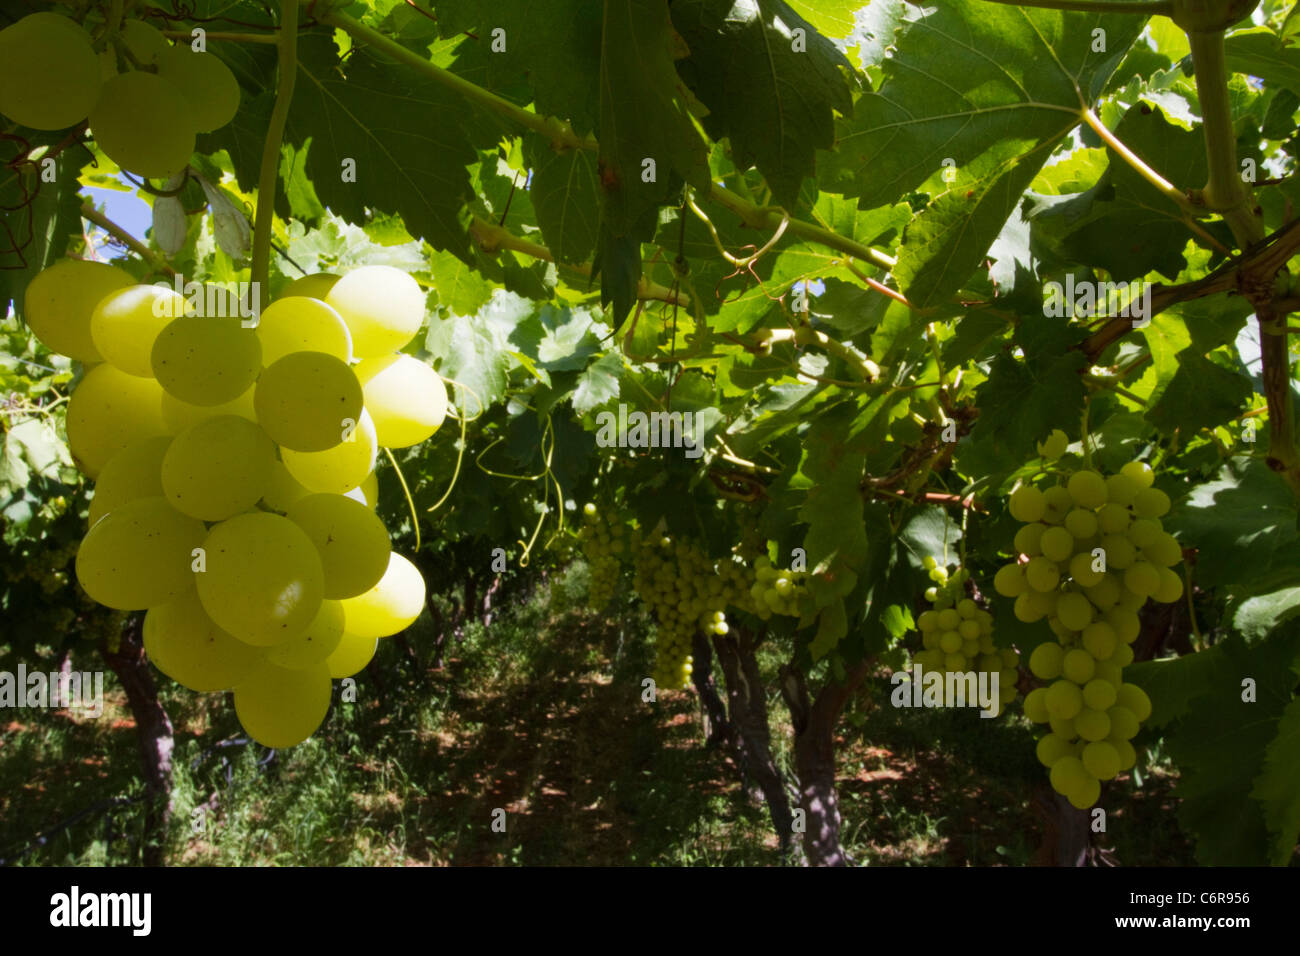 Un grappolo di uva bianca su una vite in un vigneto irrigato sulle rive del fiume Orange Immagini Stock